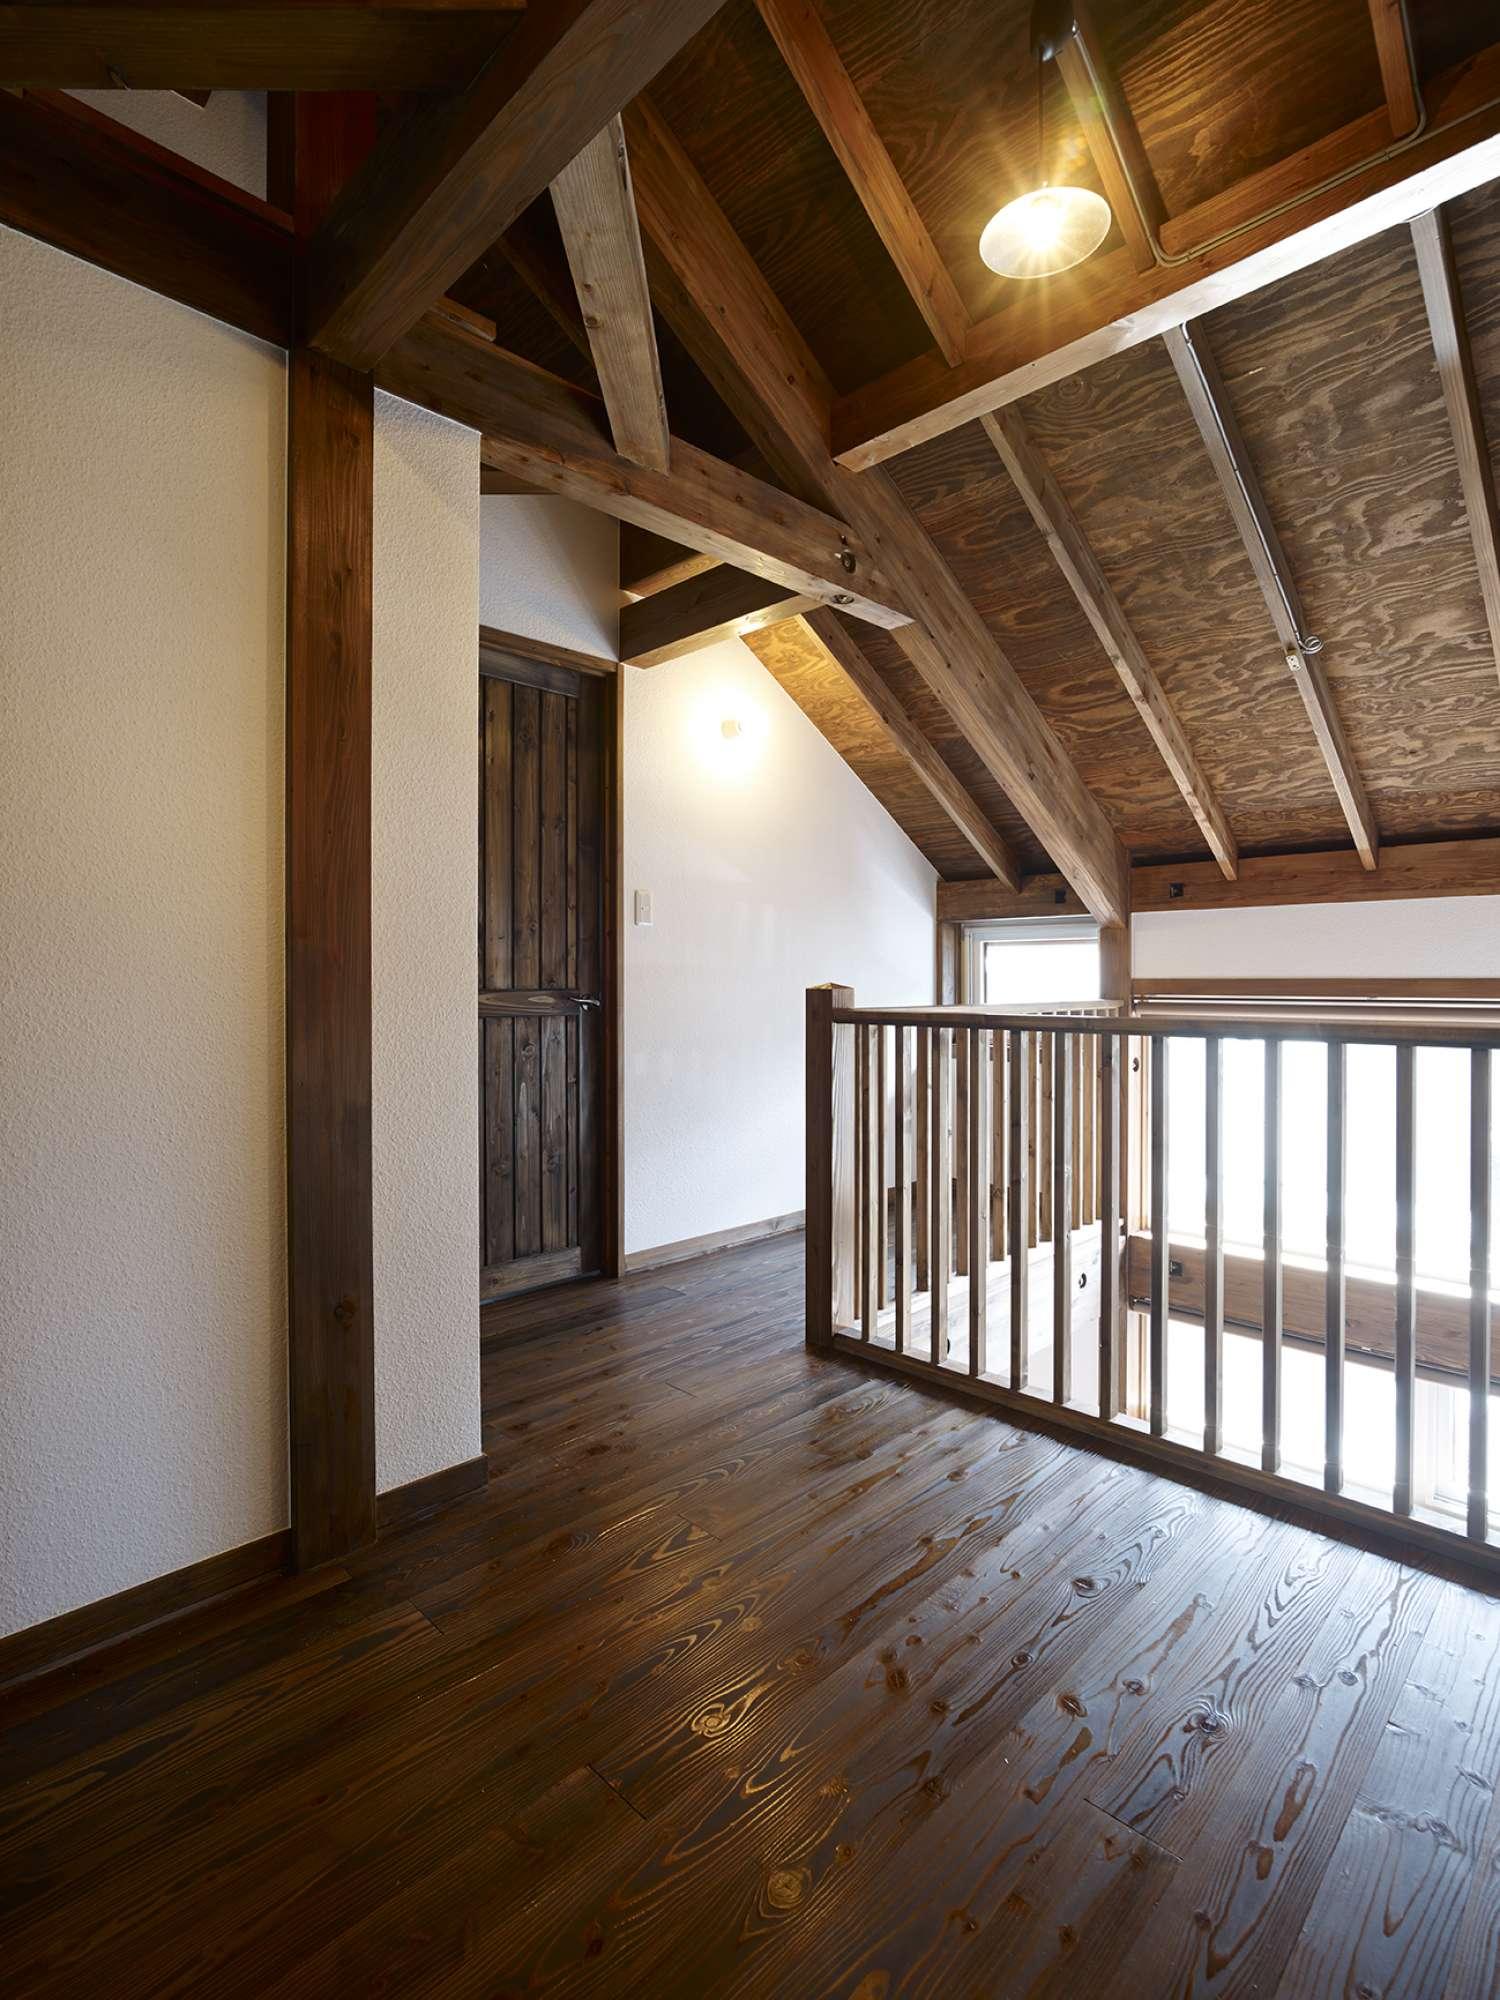 2階ホール、窓方向。吹抜けに面して格子手すりを配している -  -  -